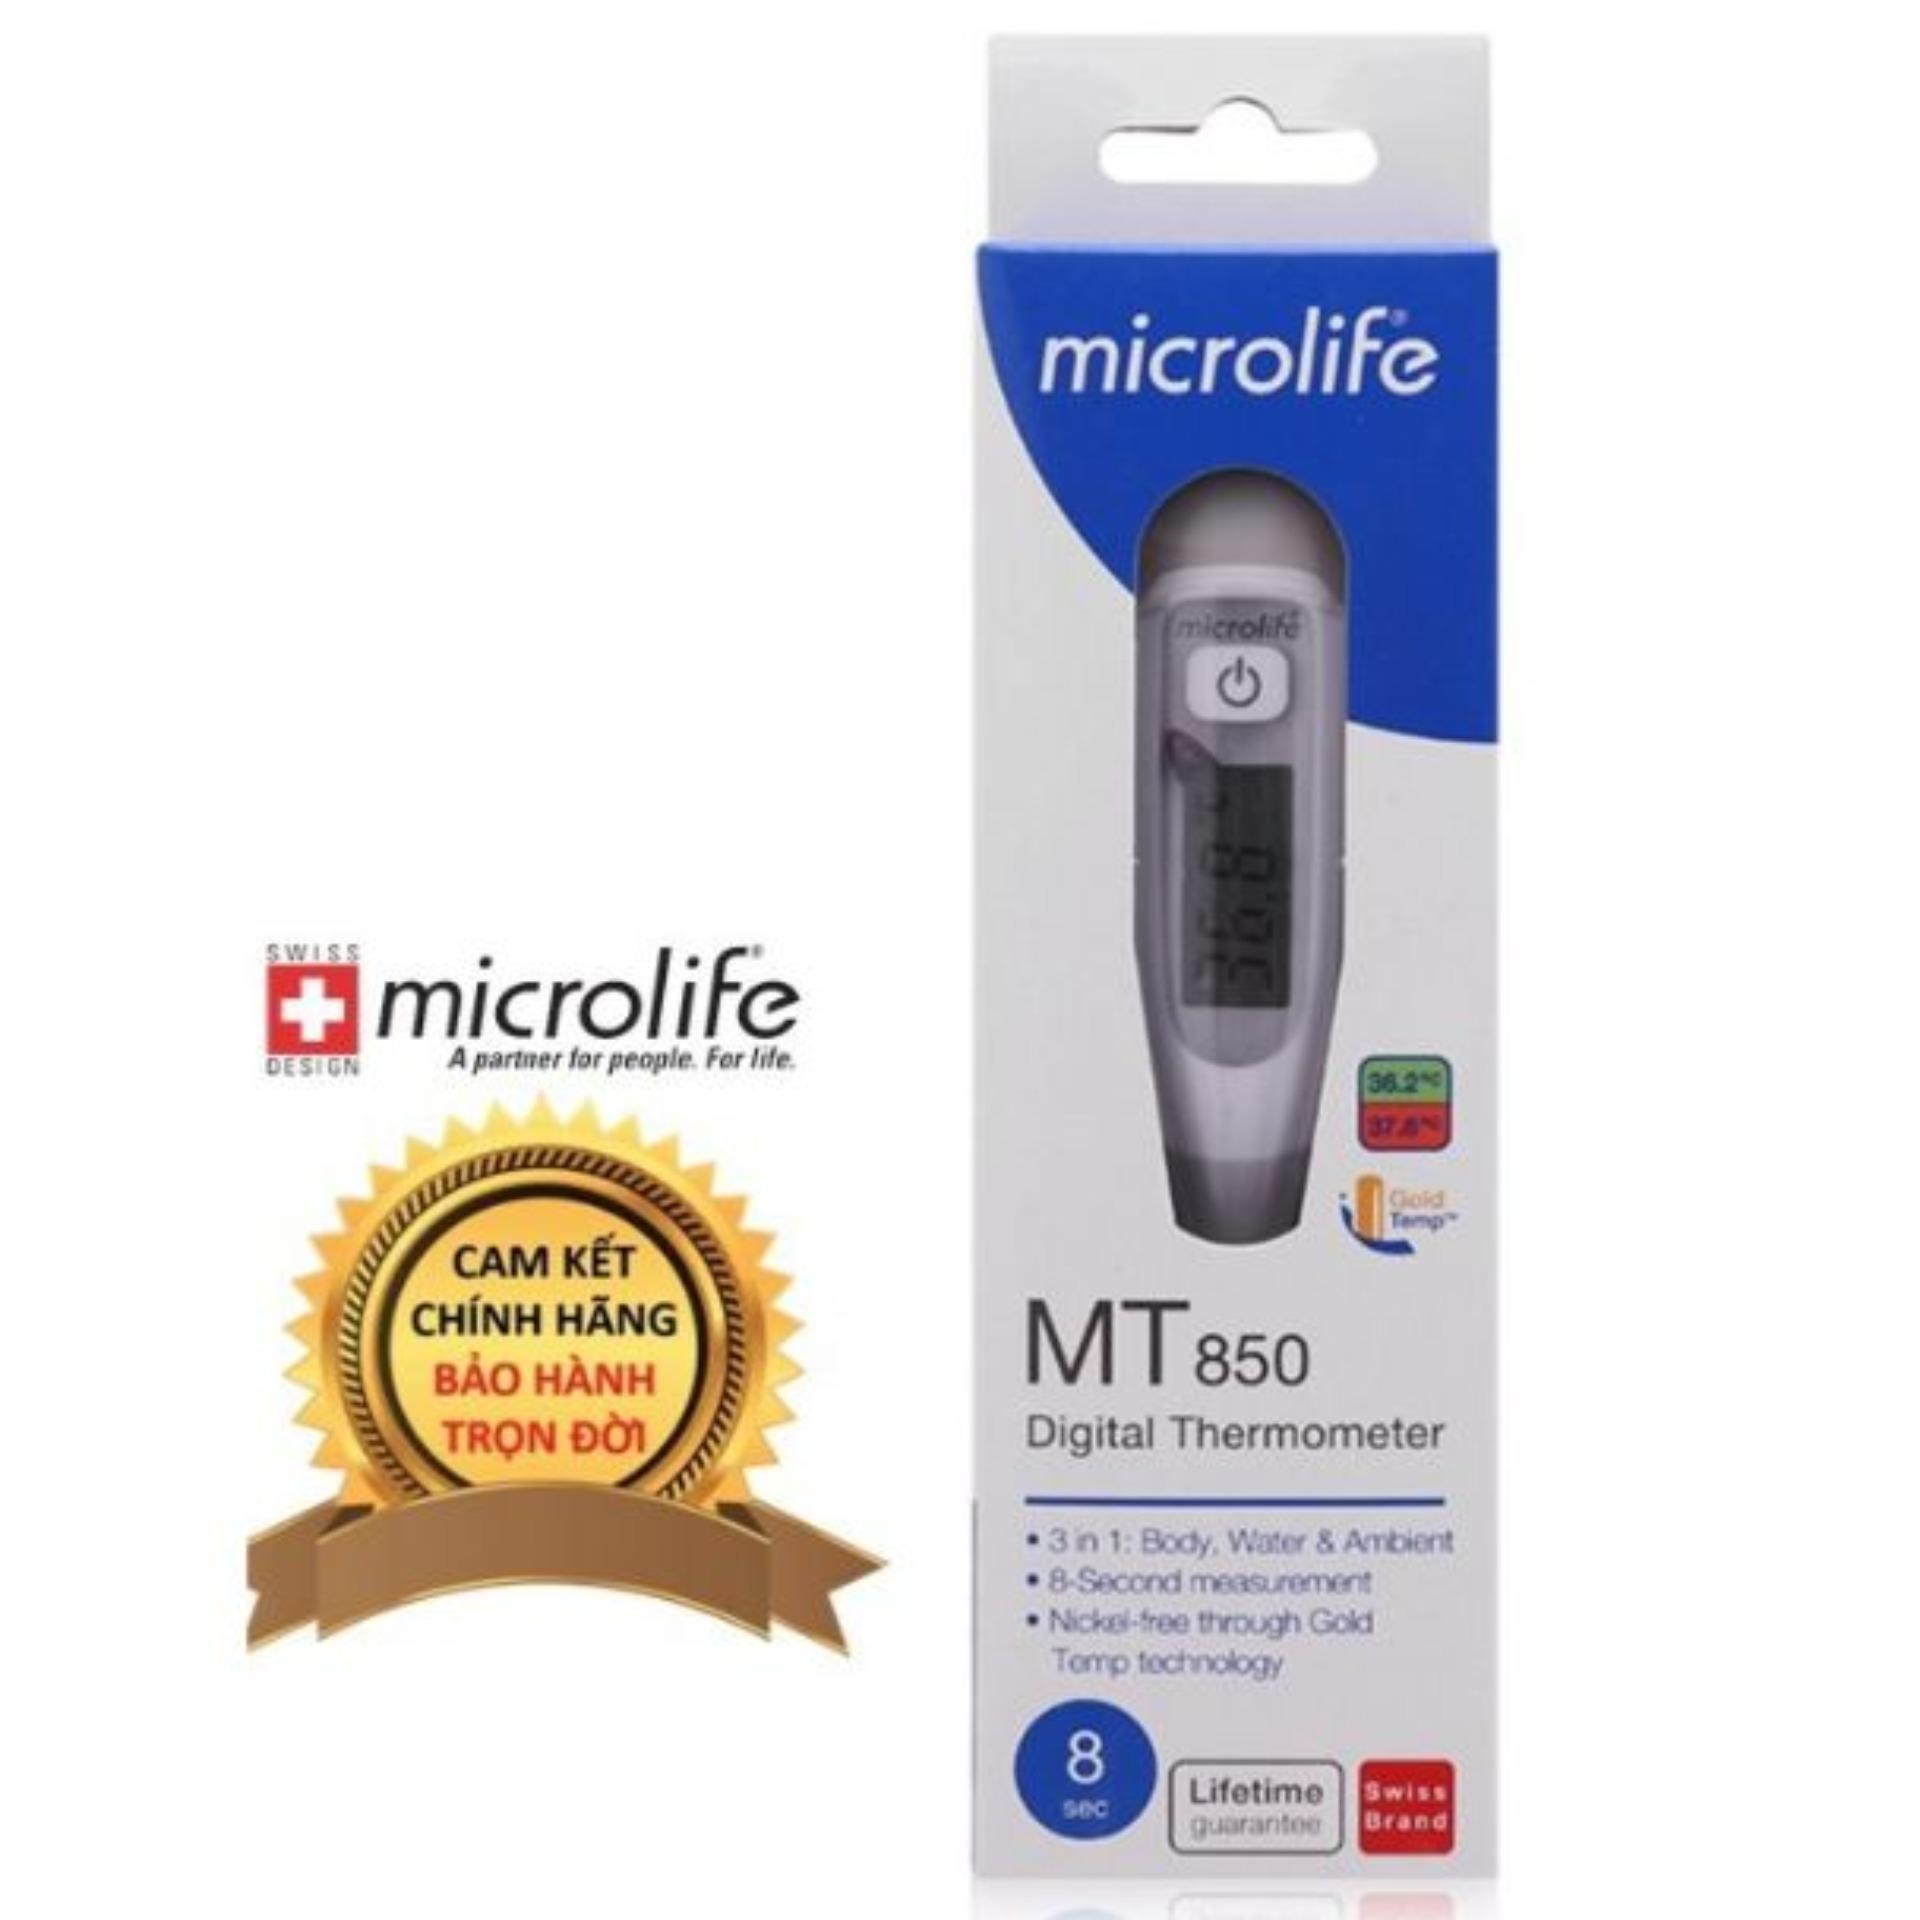 Nhiệt kế điện tử Microlife MT850 (dạng bút)